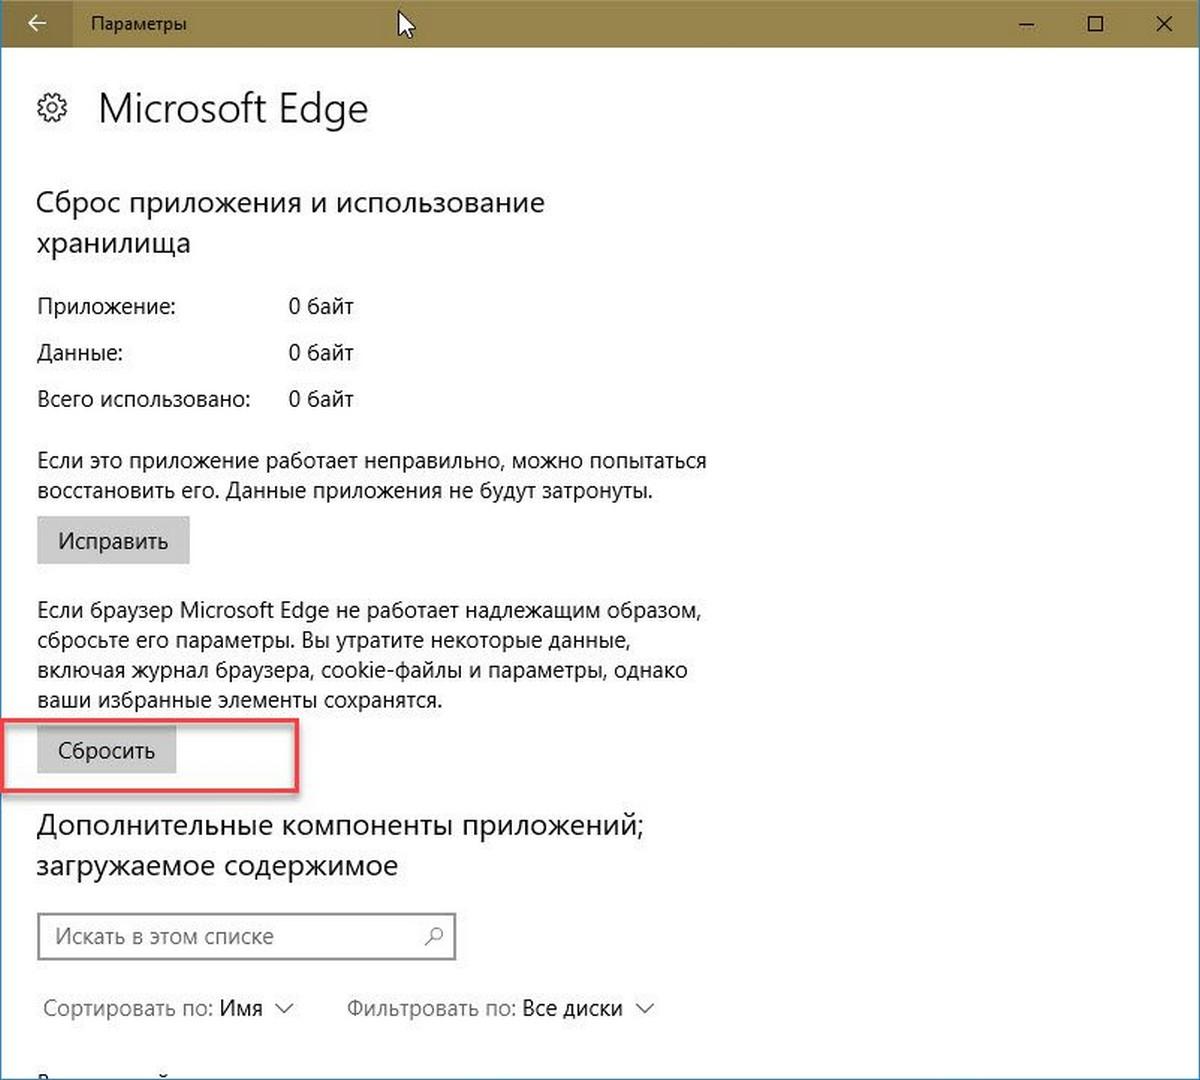 Исправить медленный браузер Edge в Windows 10 pic06